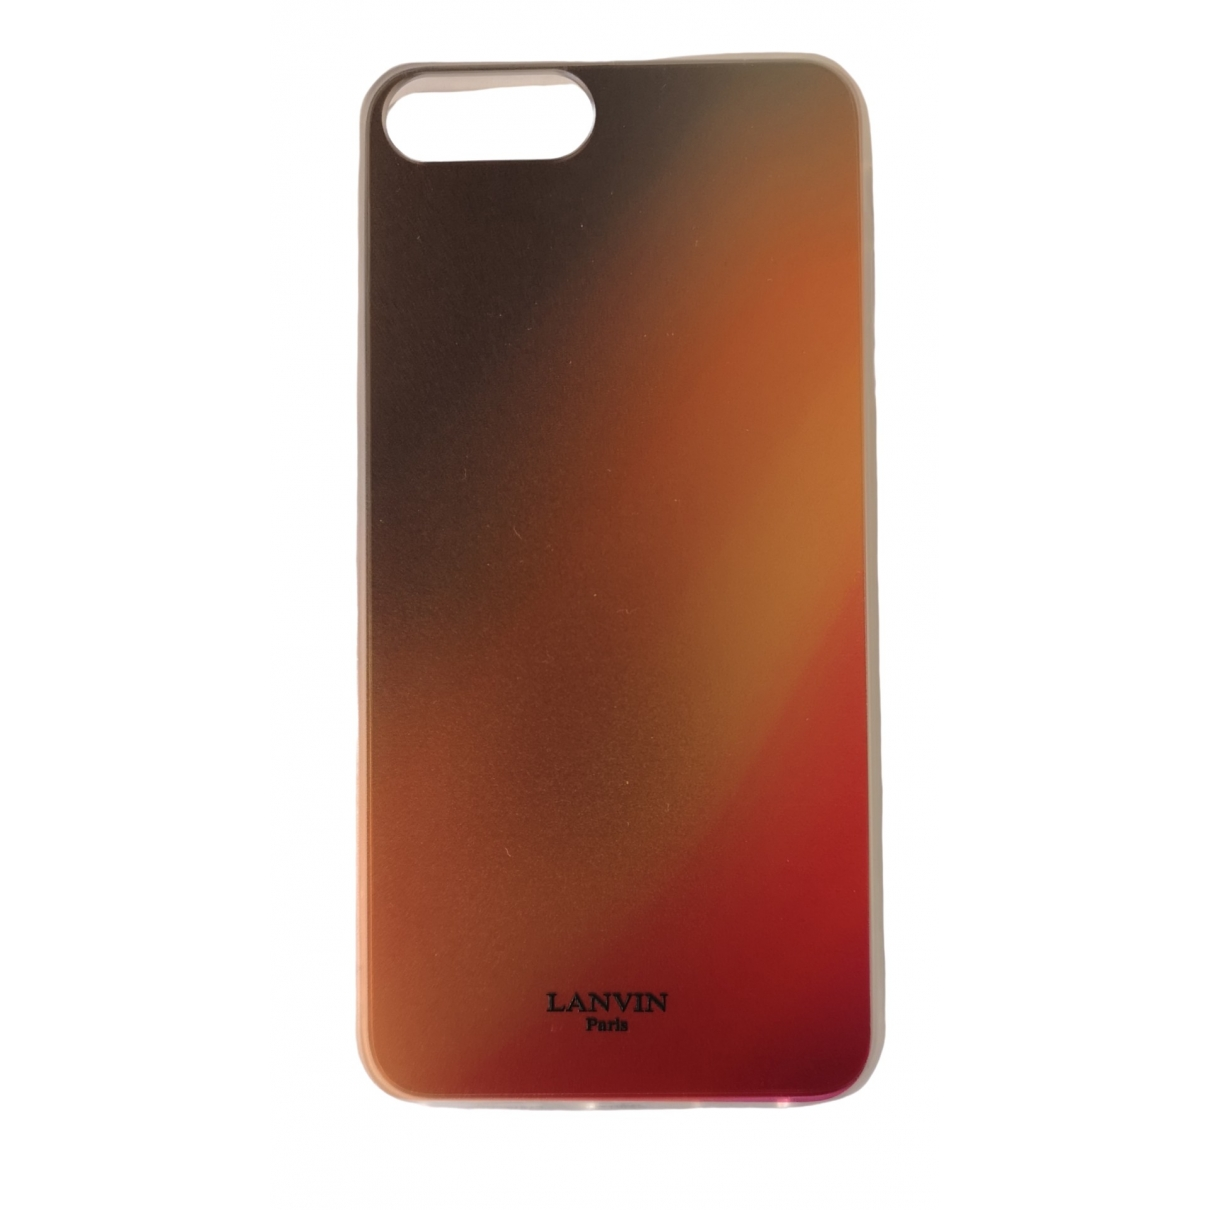 Lanvin - Accessoires   pour lifestyle - multicolore